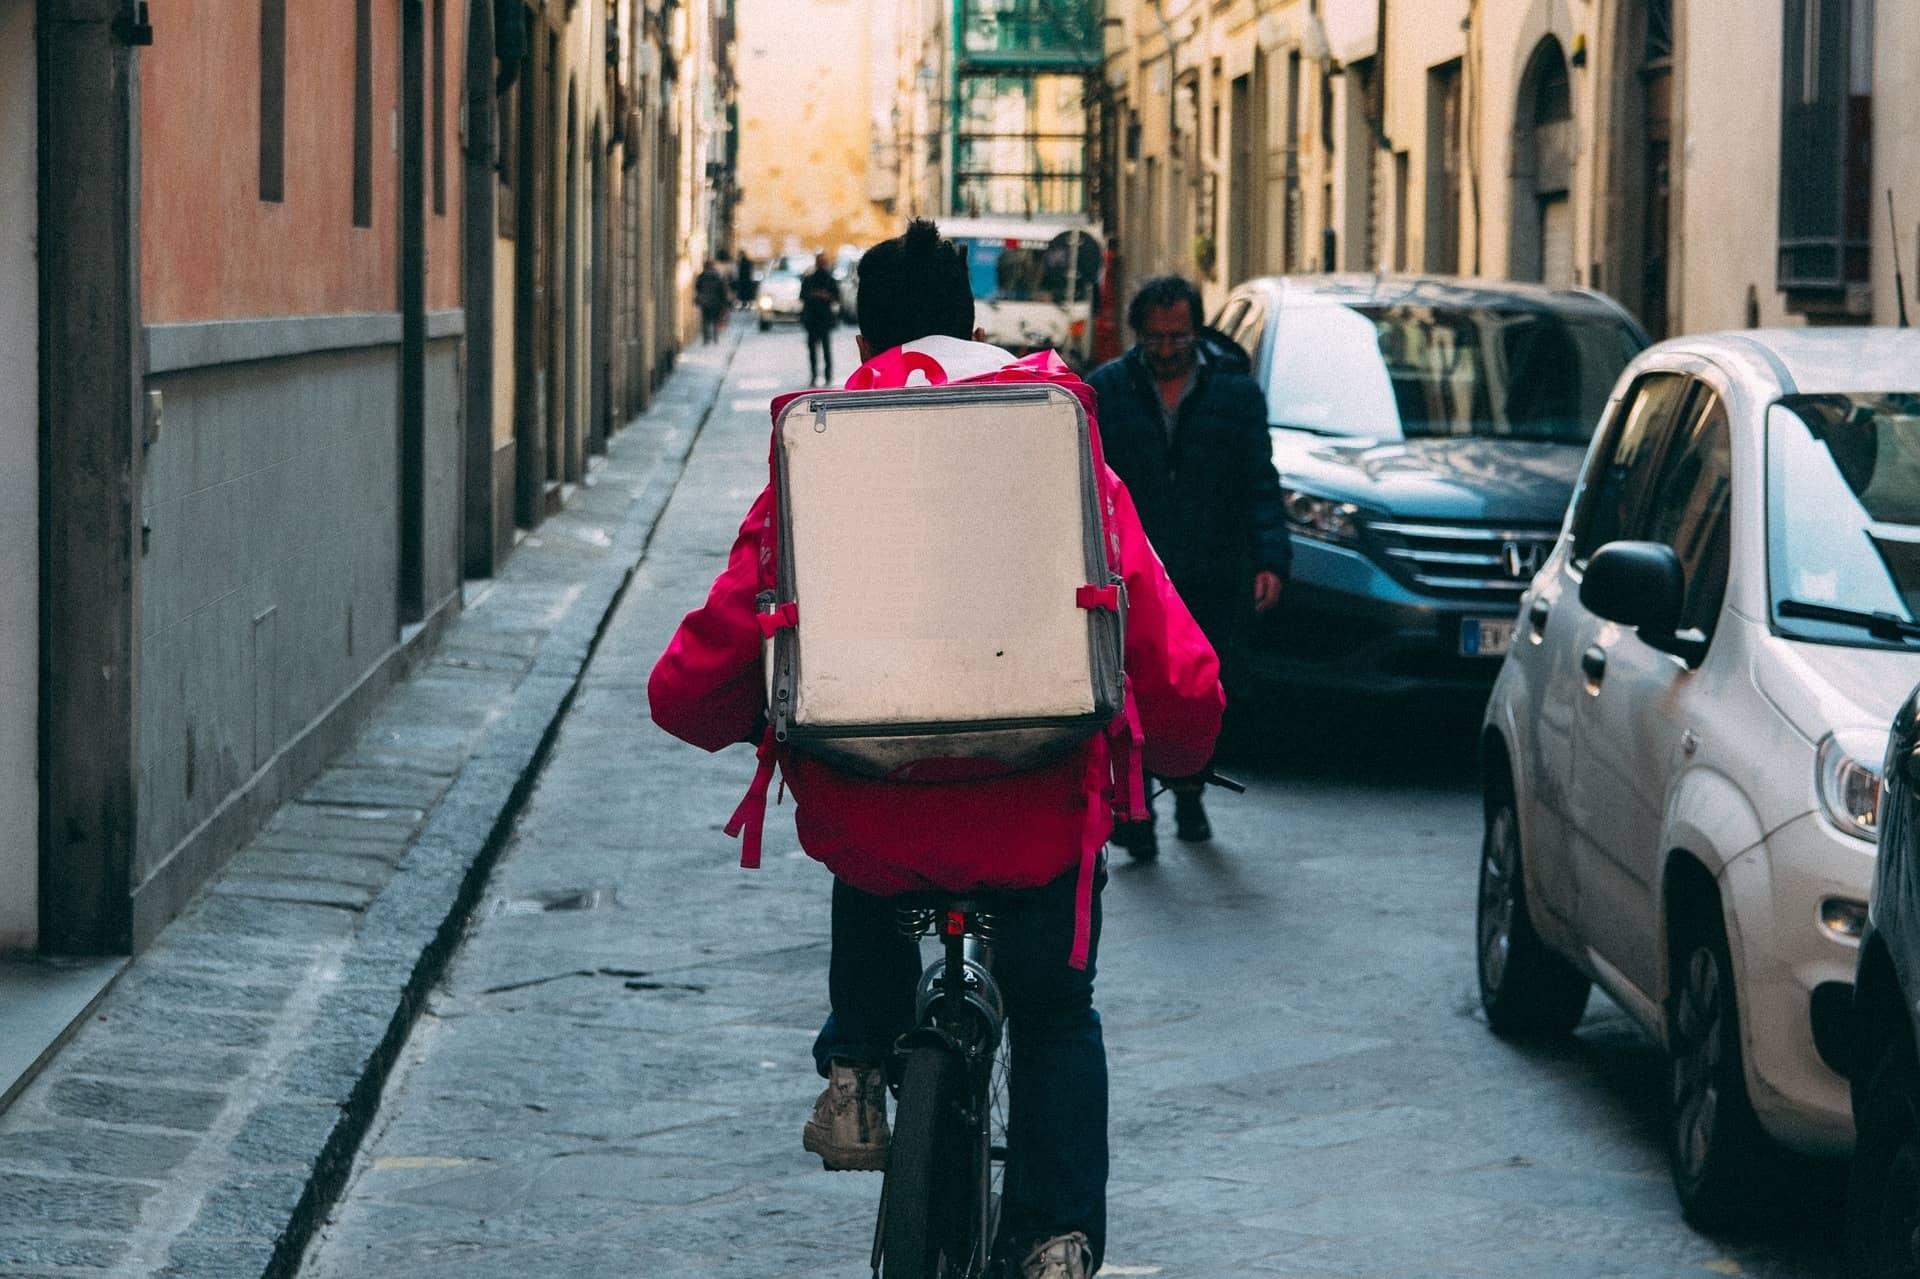 sistem de comenzi online pentru restaurant, curier livrare mancare pe bicicleta